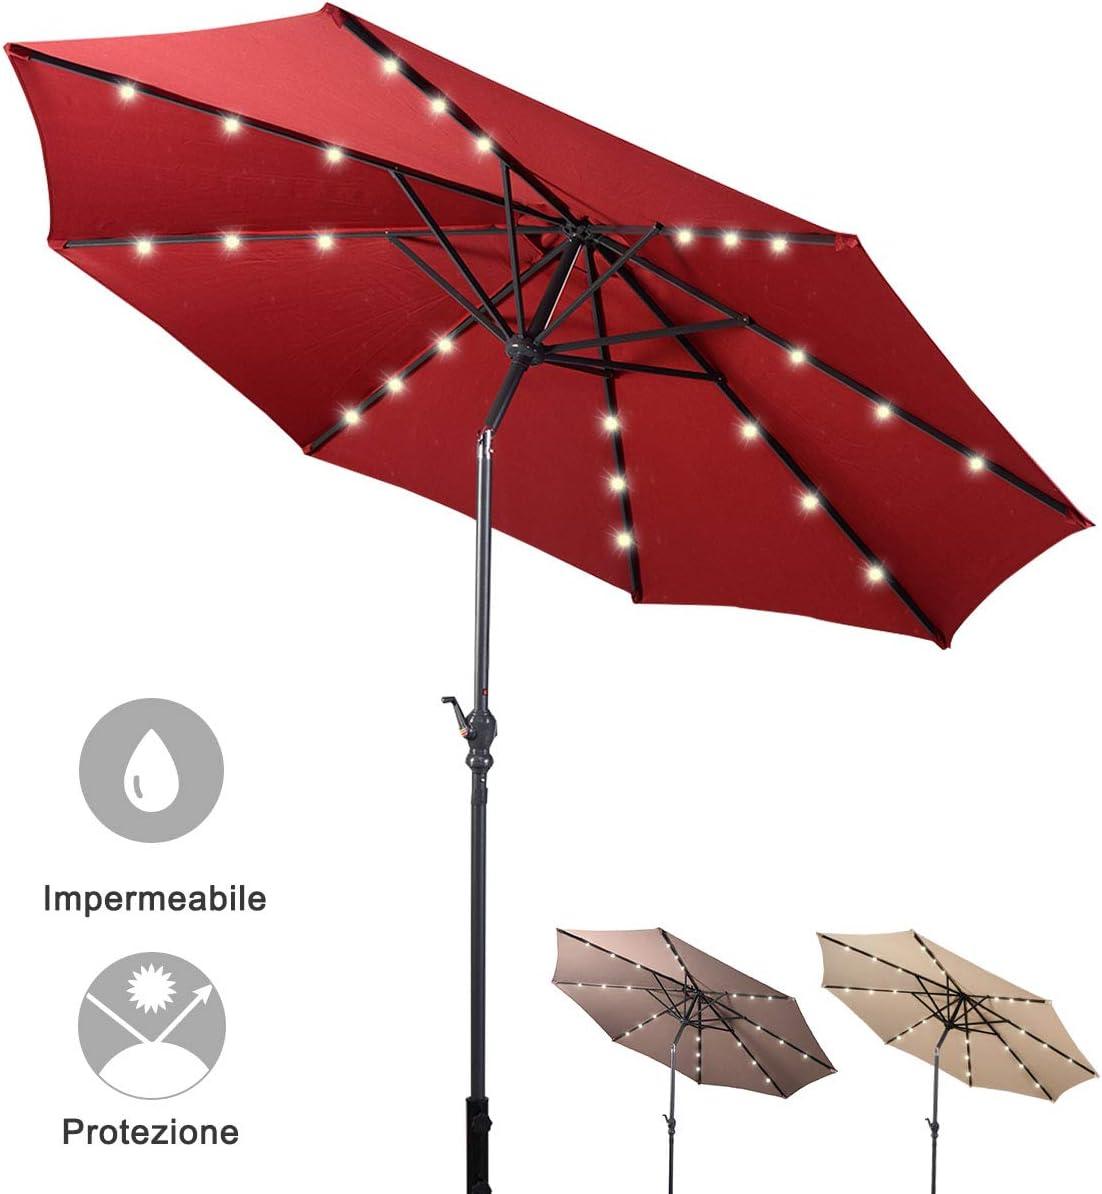 Beige DREAMADE Ombrellone con luci LED da Giardino Parasole da Esterno Spaggia /Ø300cm Vari Colori